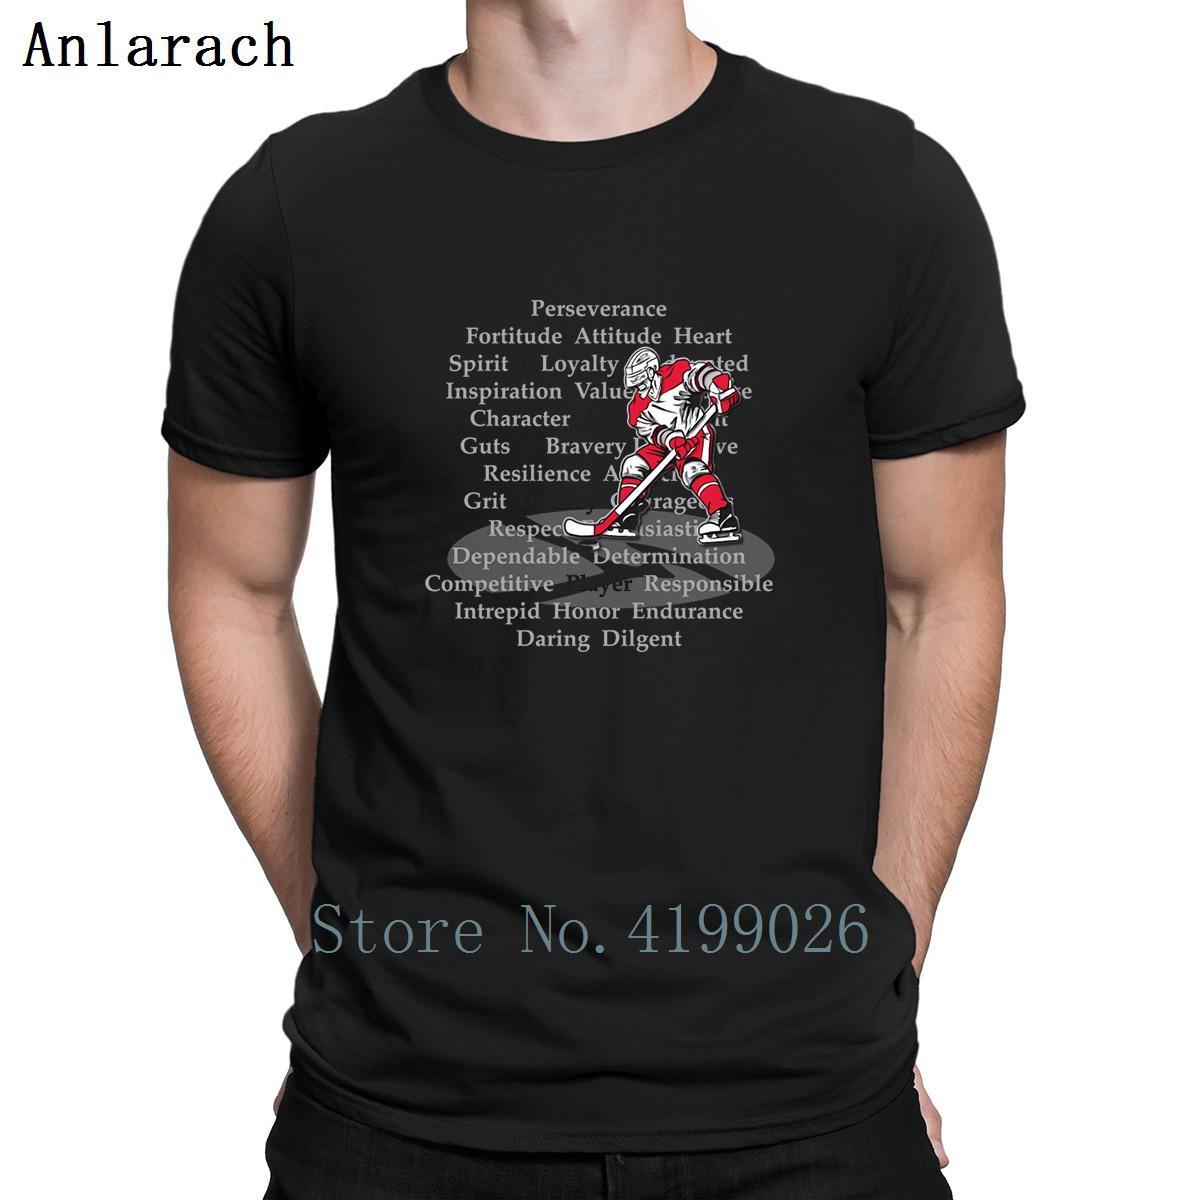 basic values t shirt